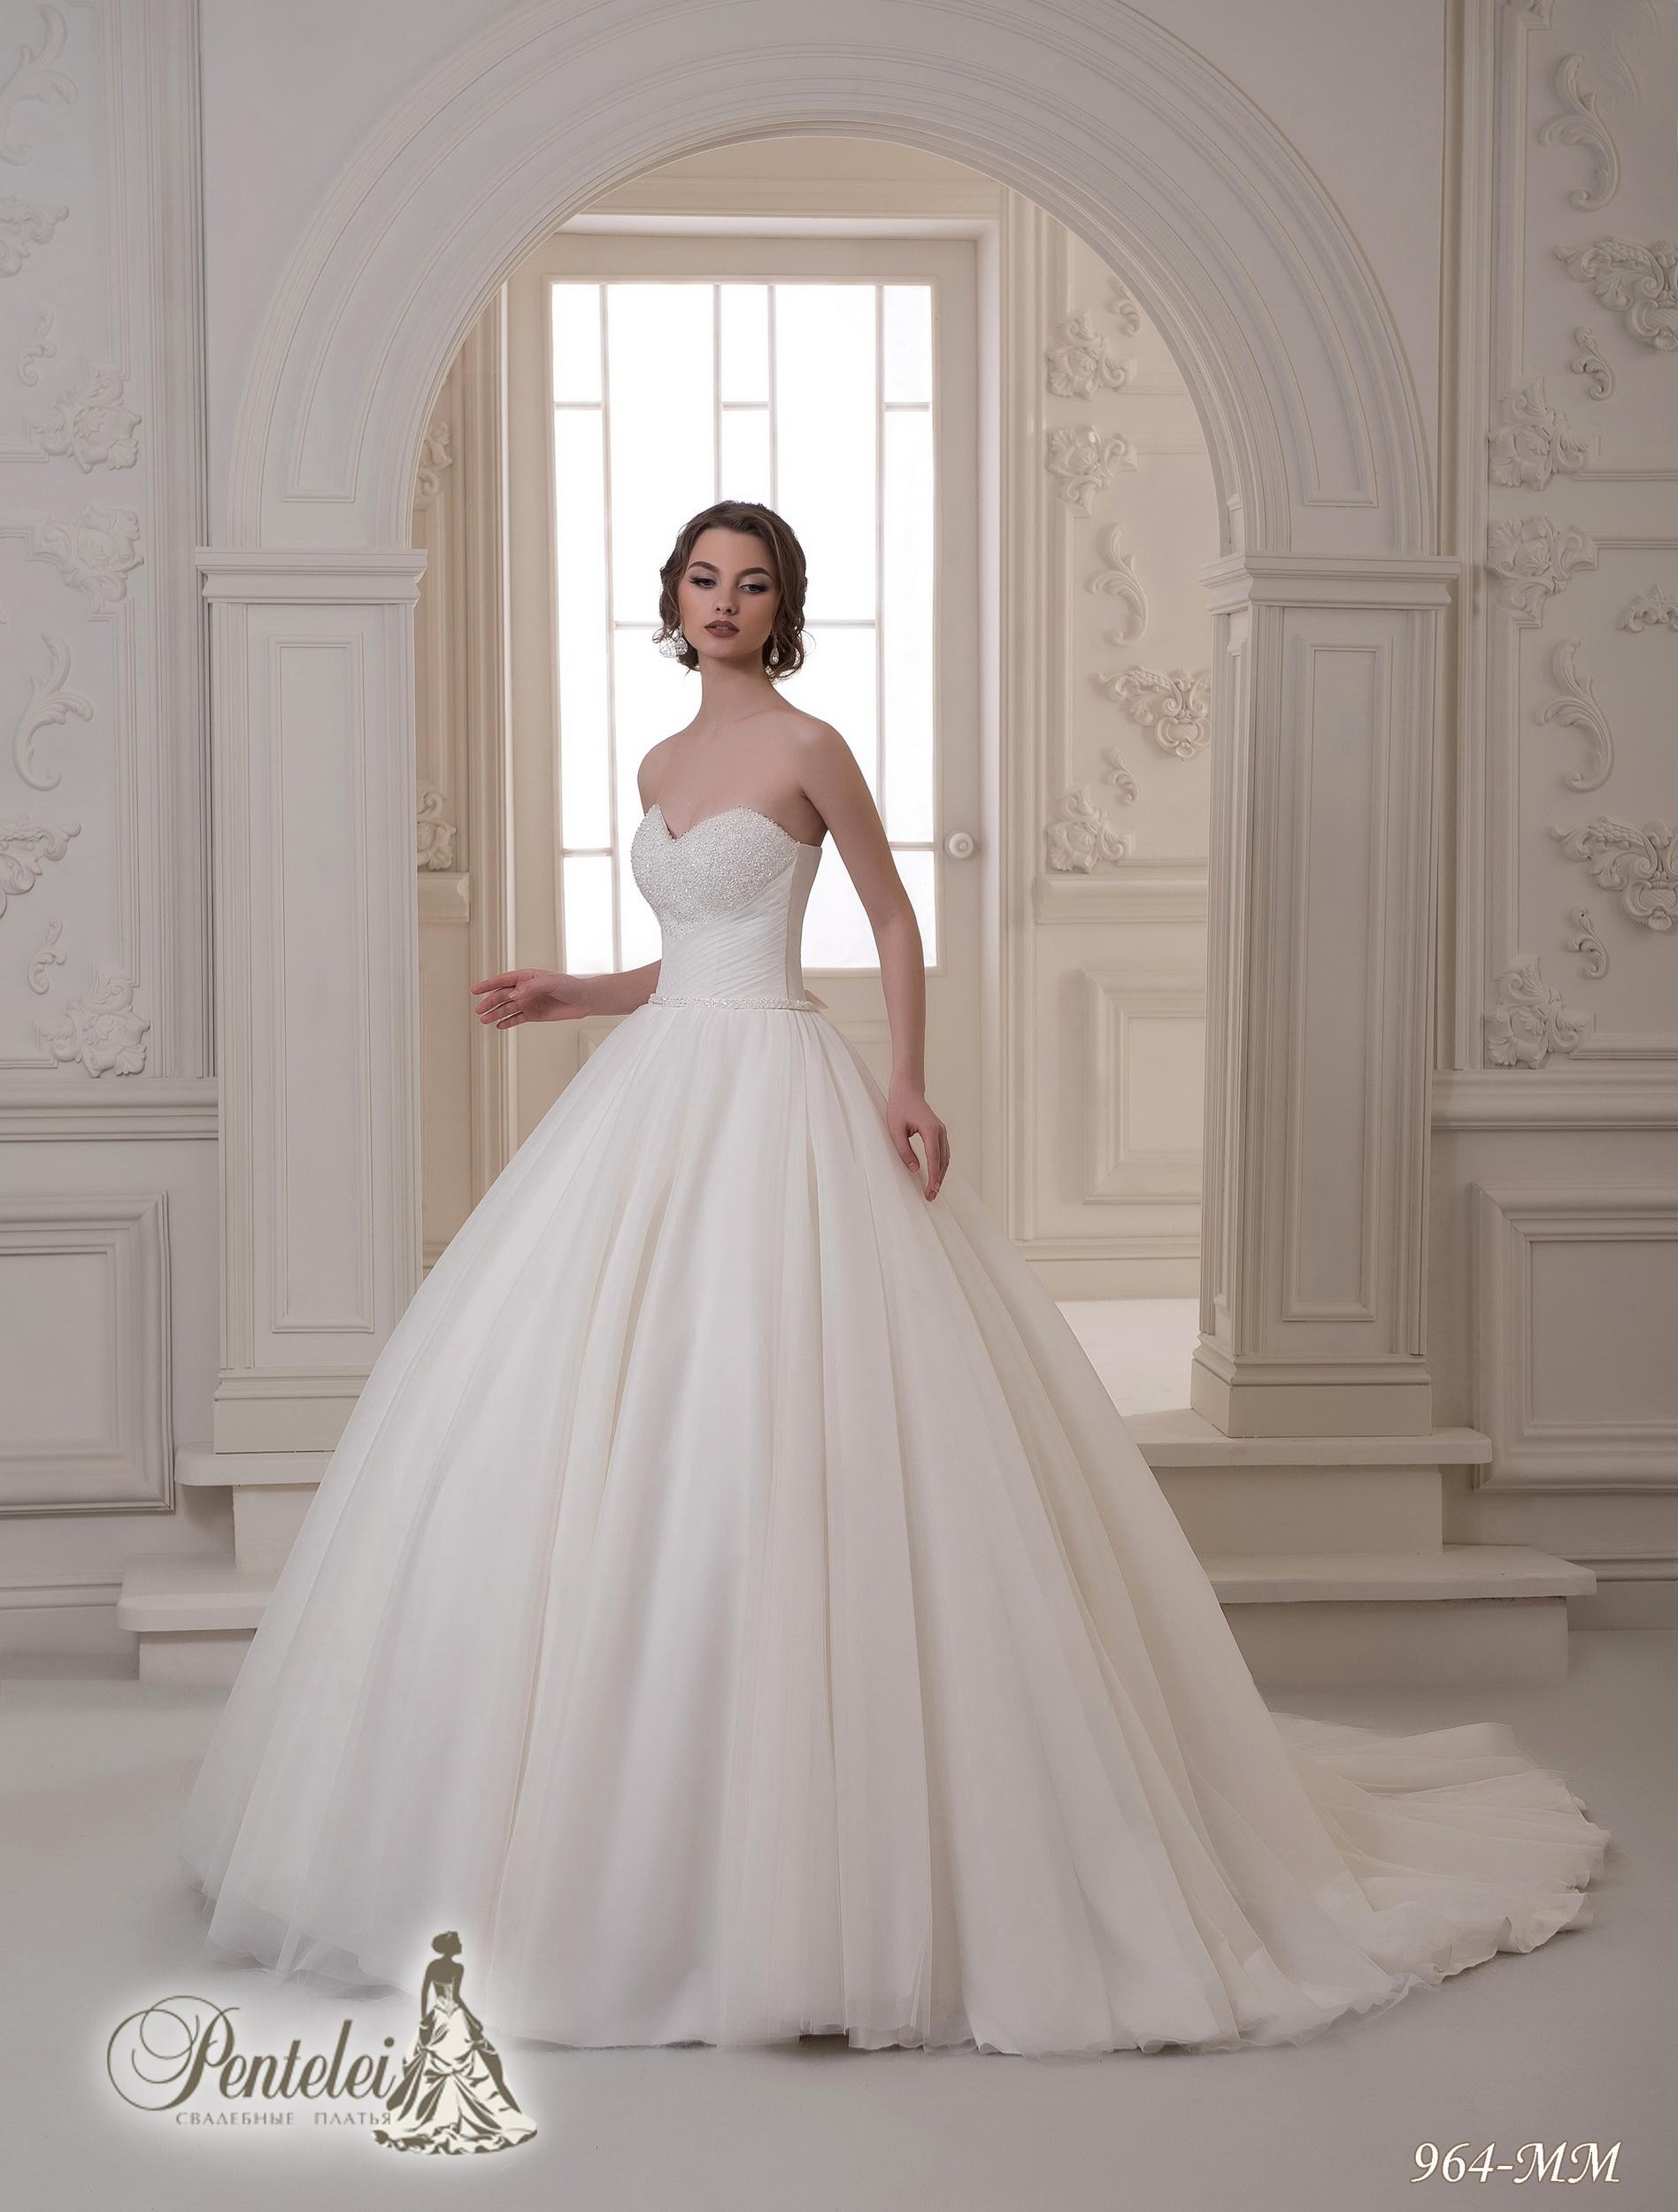 964-MM | Cumpăra rochii de mireasă en-gros de Pentelei